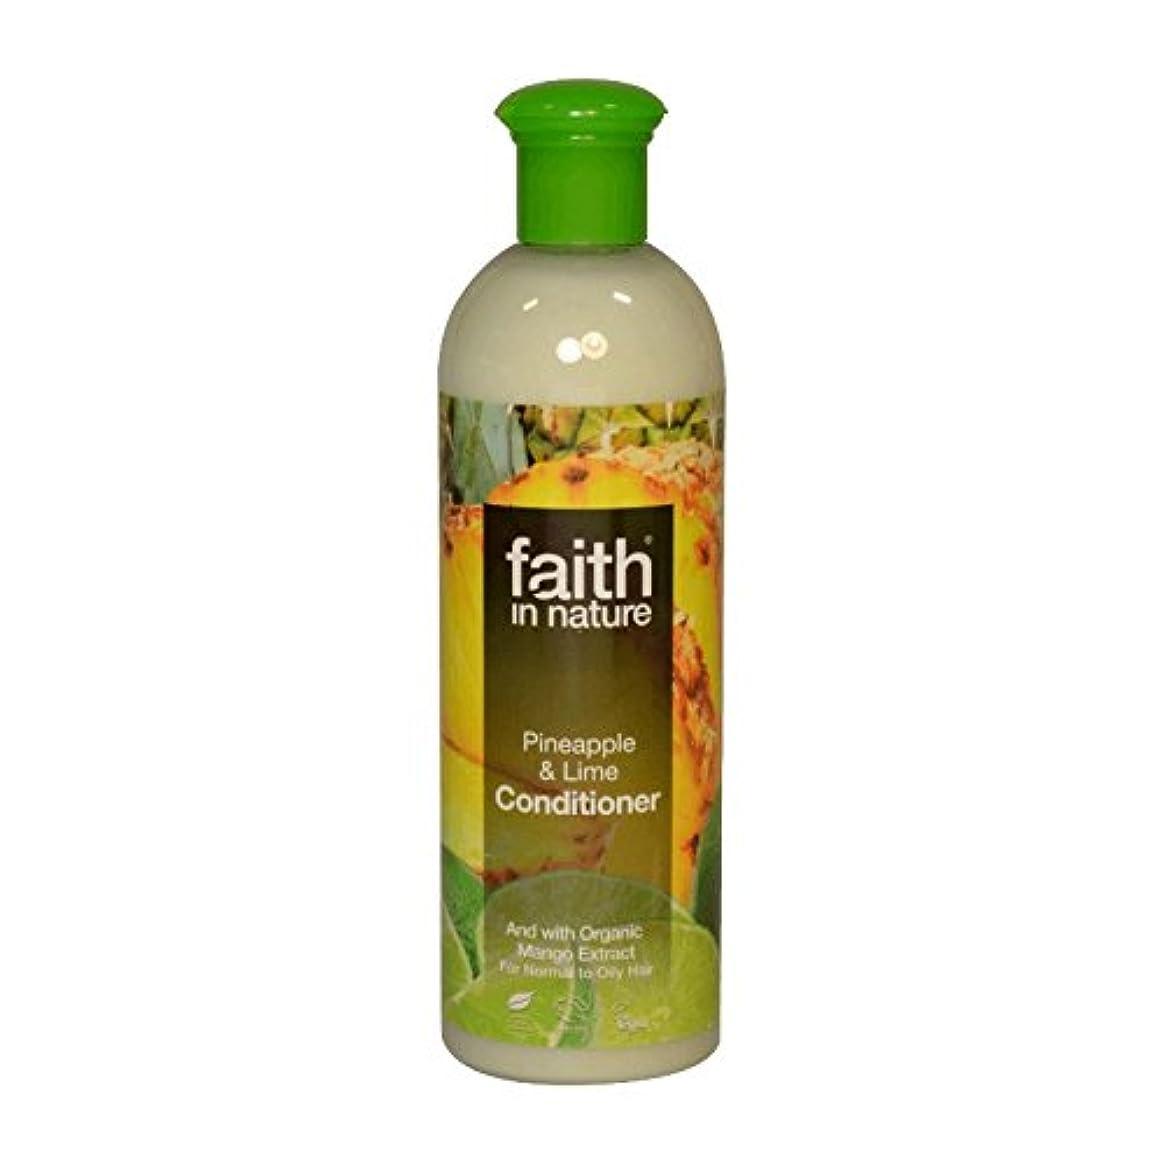 症状楕円形毎月Faith in Nature Pineapple & Lime Conditioner 400ml (Pack of 2) - 自然パイナップル&ライムコンディショナー400ミリリットルの信仰 (x2) [並行輸入品]